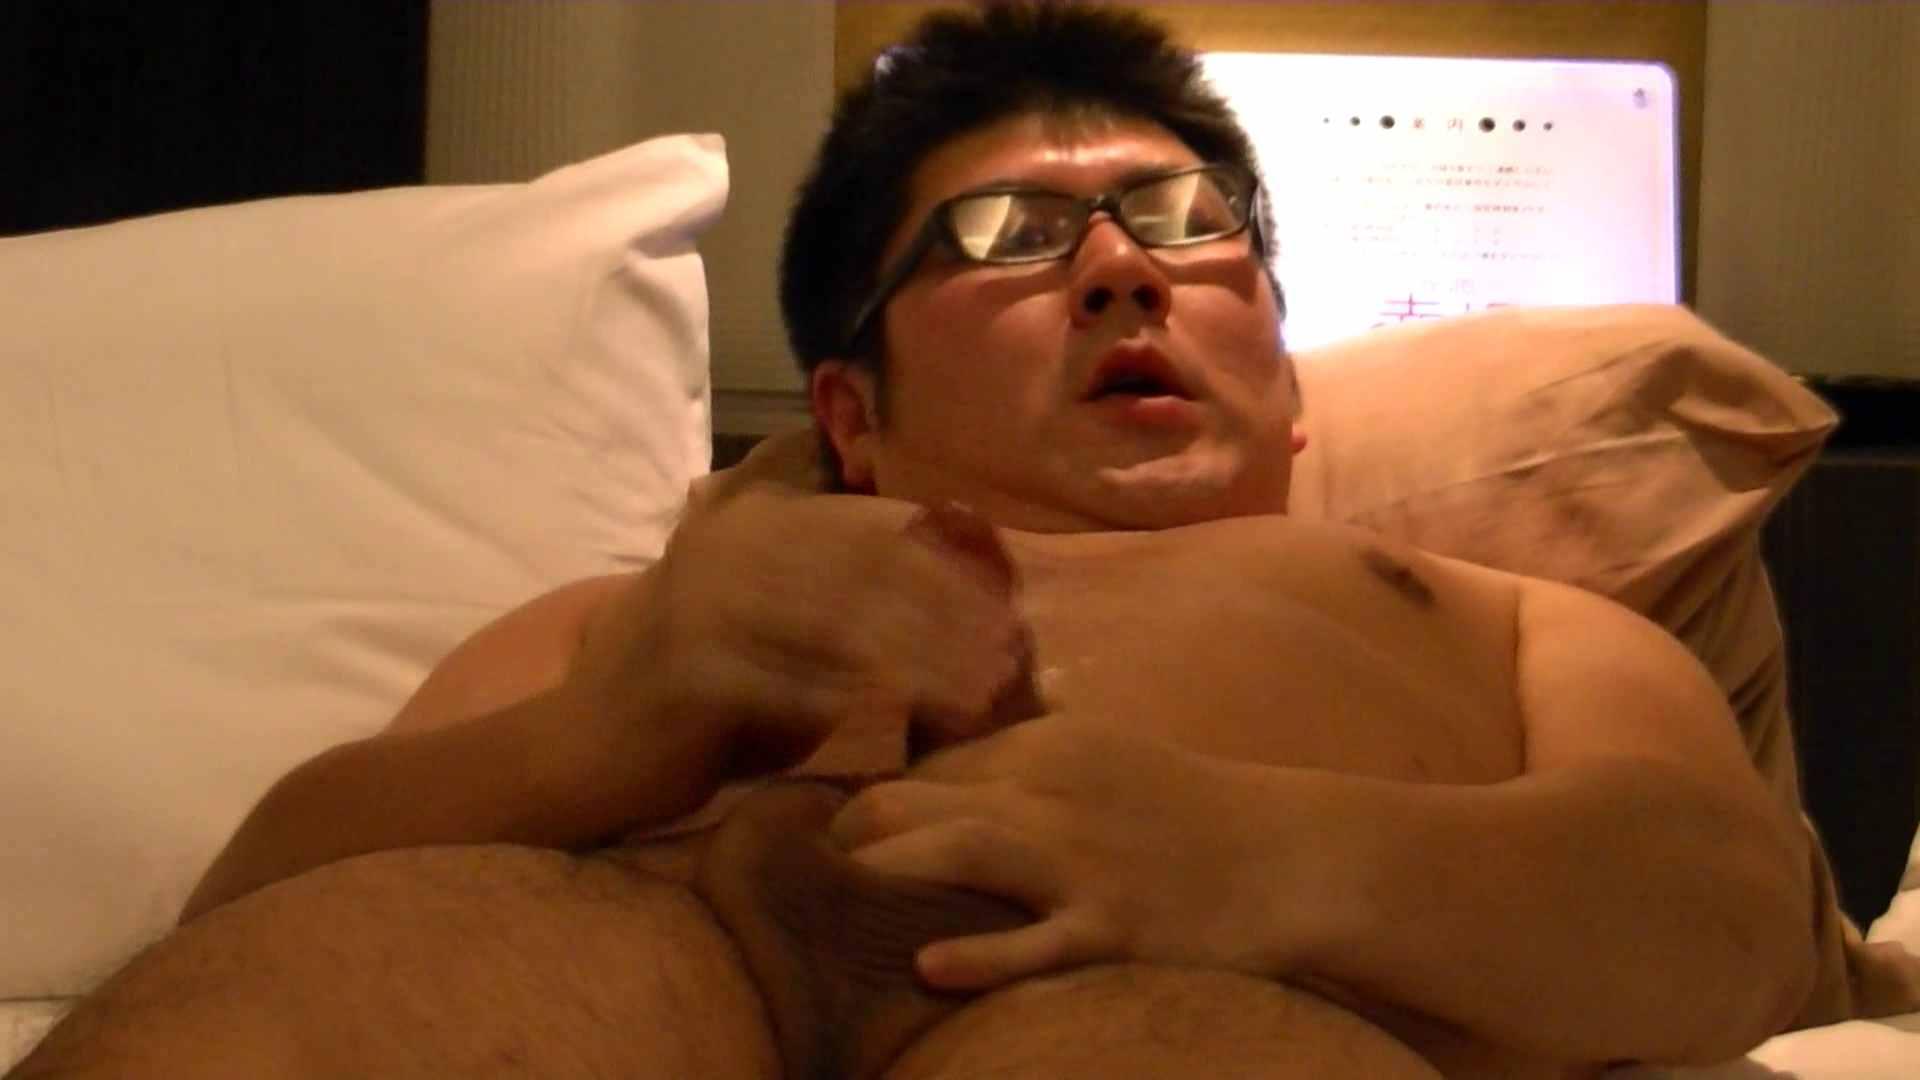 Mr.オナックスさん投稿!HD 貴方のオナニー三万円で撮影させてください。VOL.03 後編 ローション使って〜 ゲイセックス画像 106枚 10